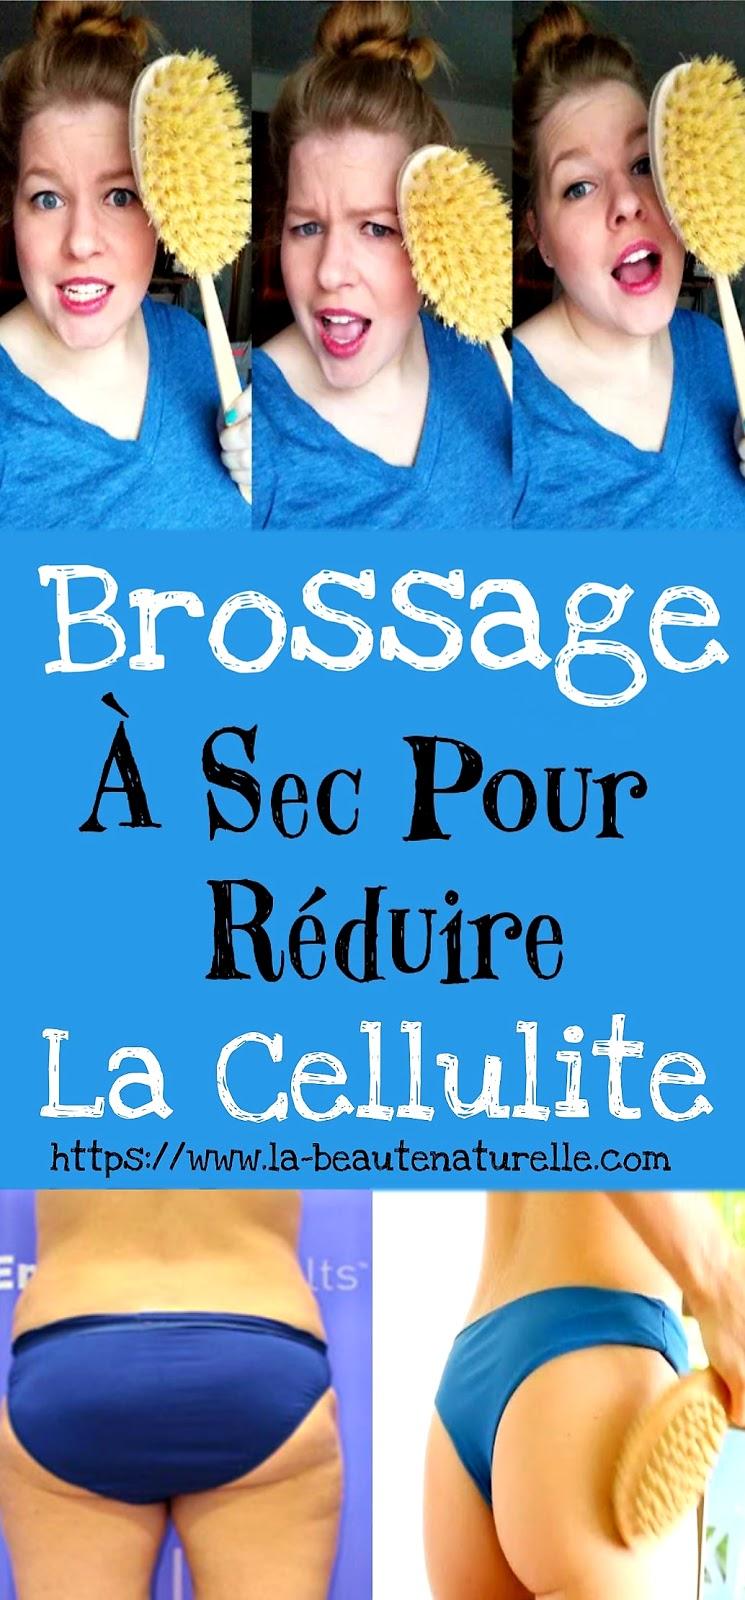 Brossage À Sec Pour Réduire La Cellulite